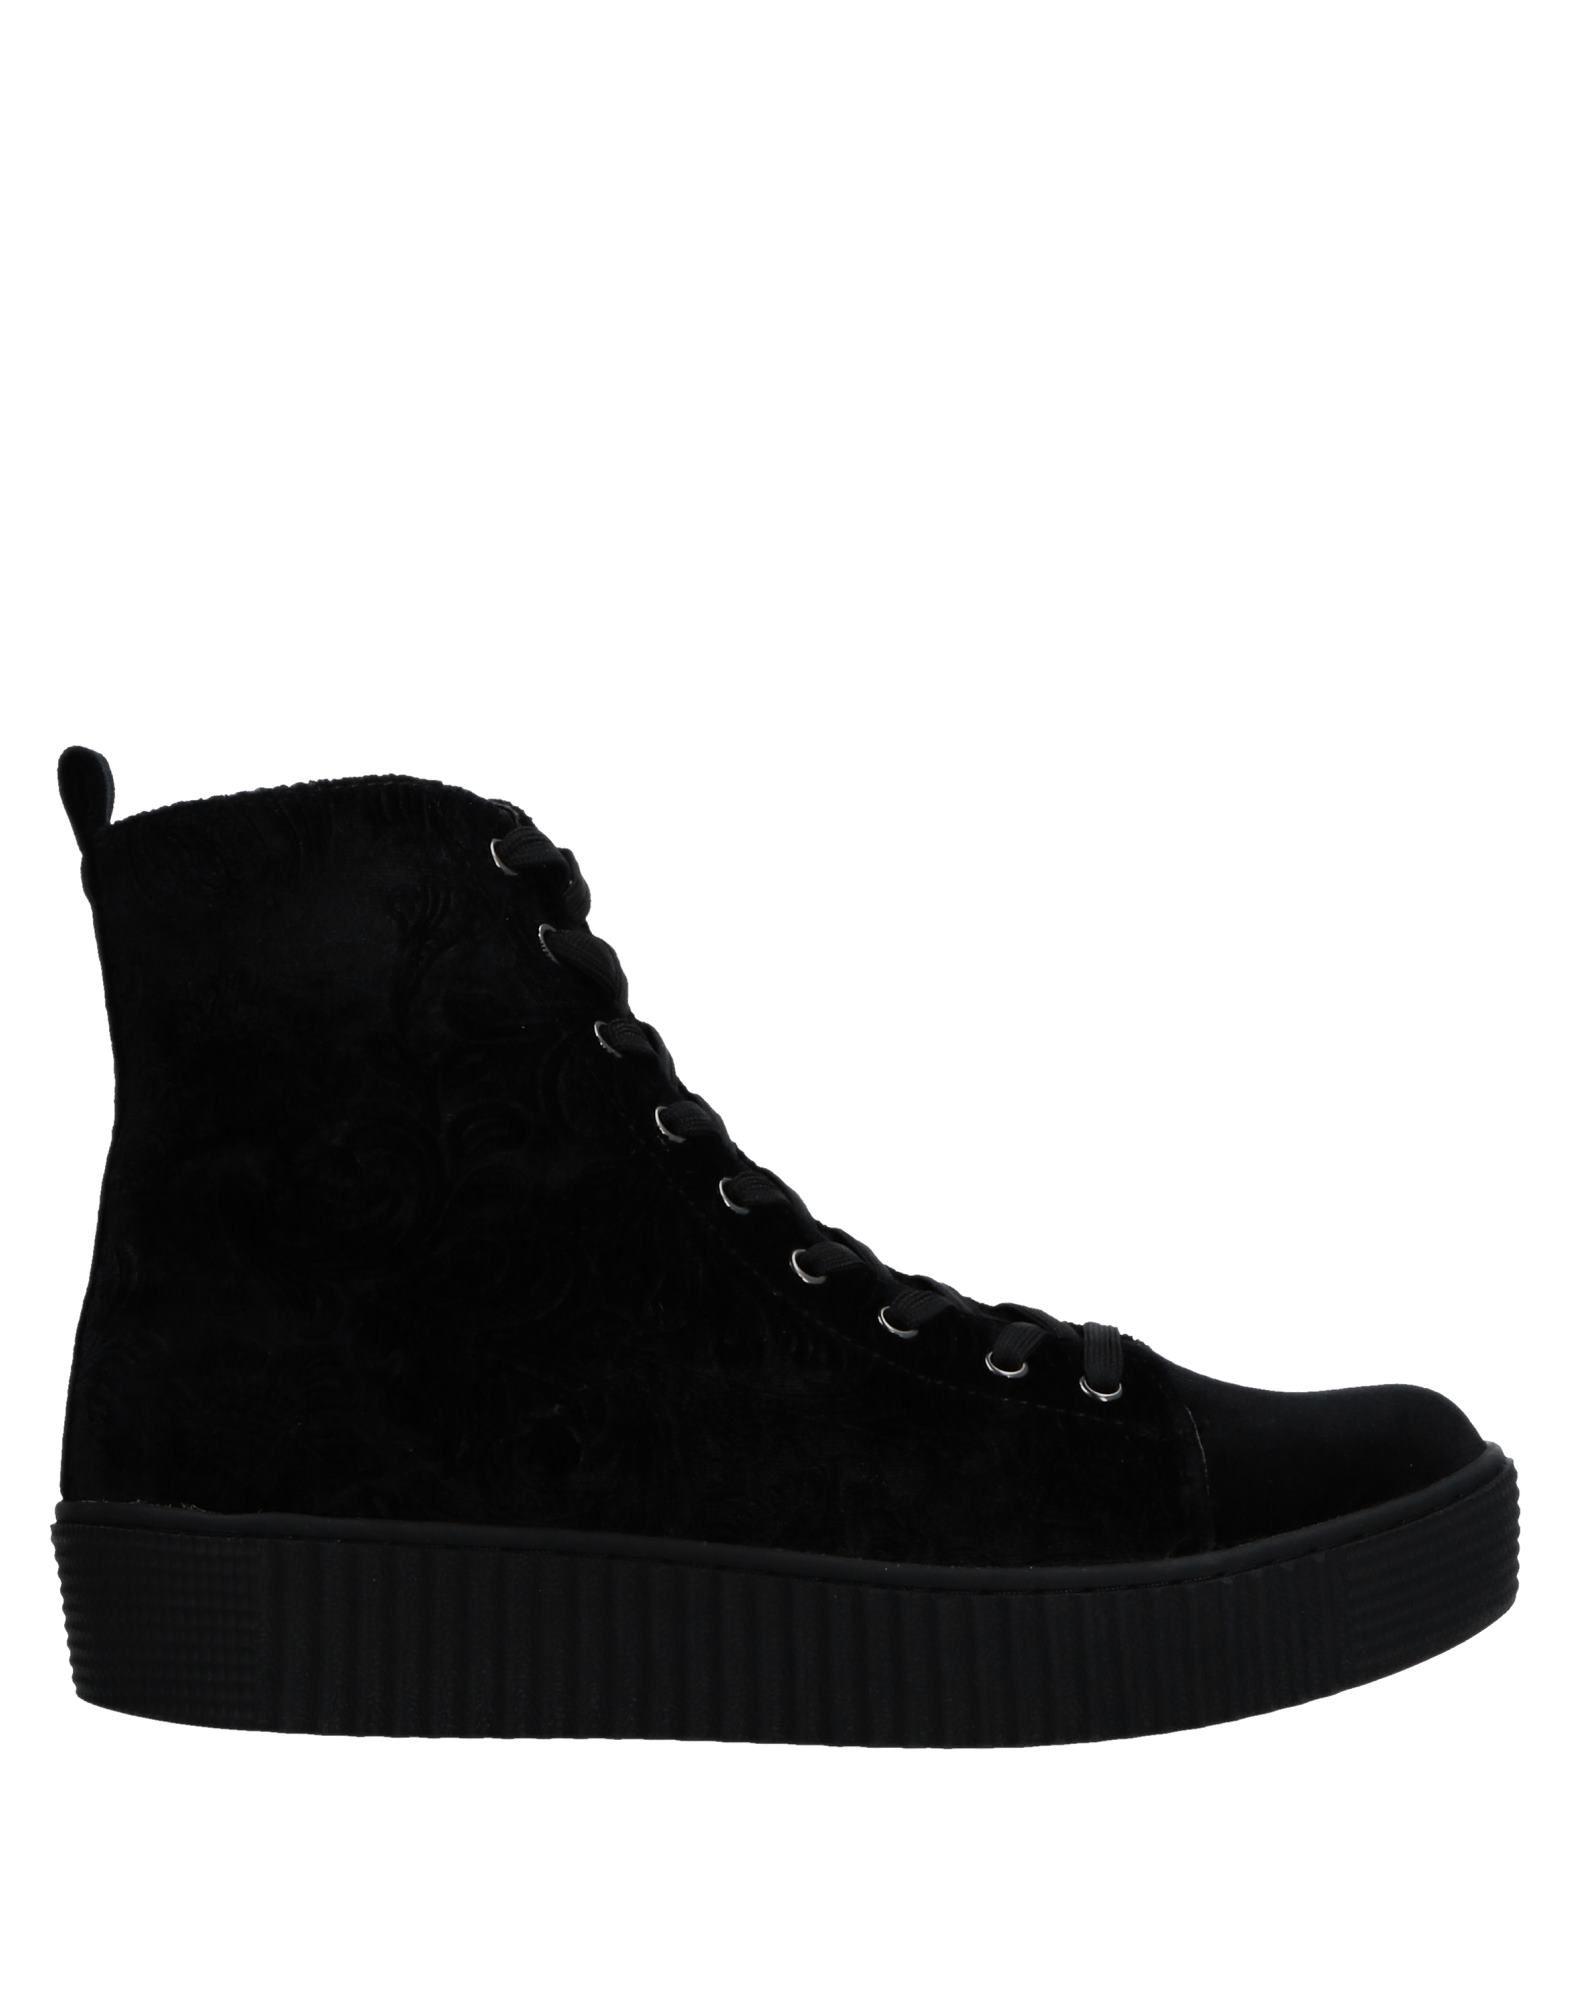 Moda Moda Moda Sneakers Onako' Donna - 11526940HV a7d994